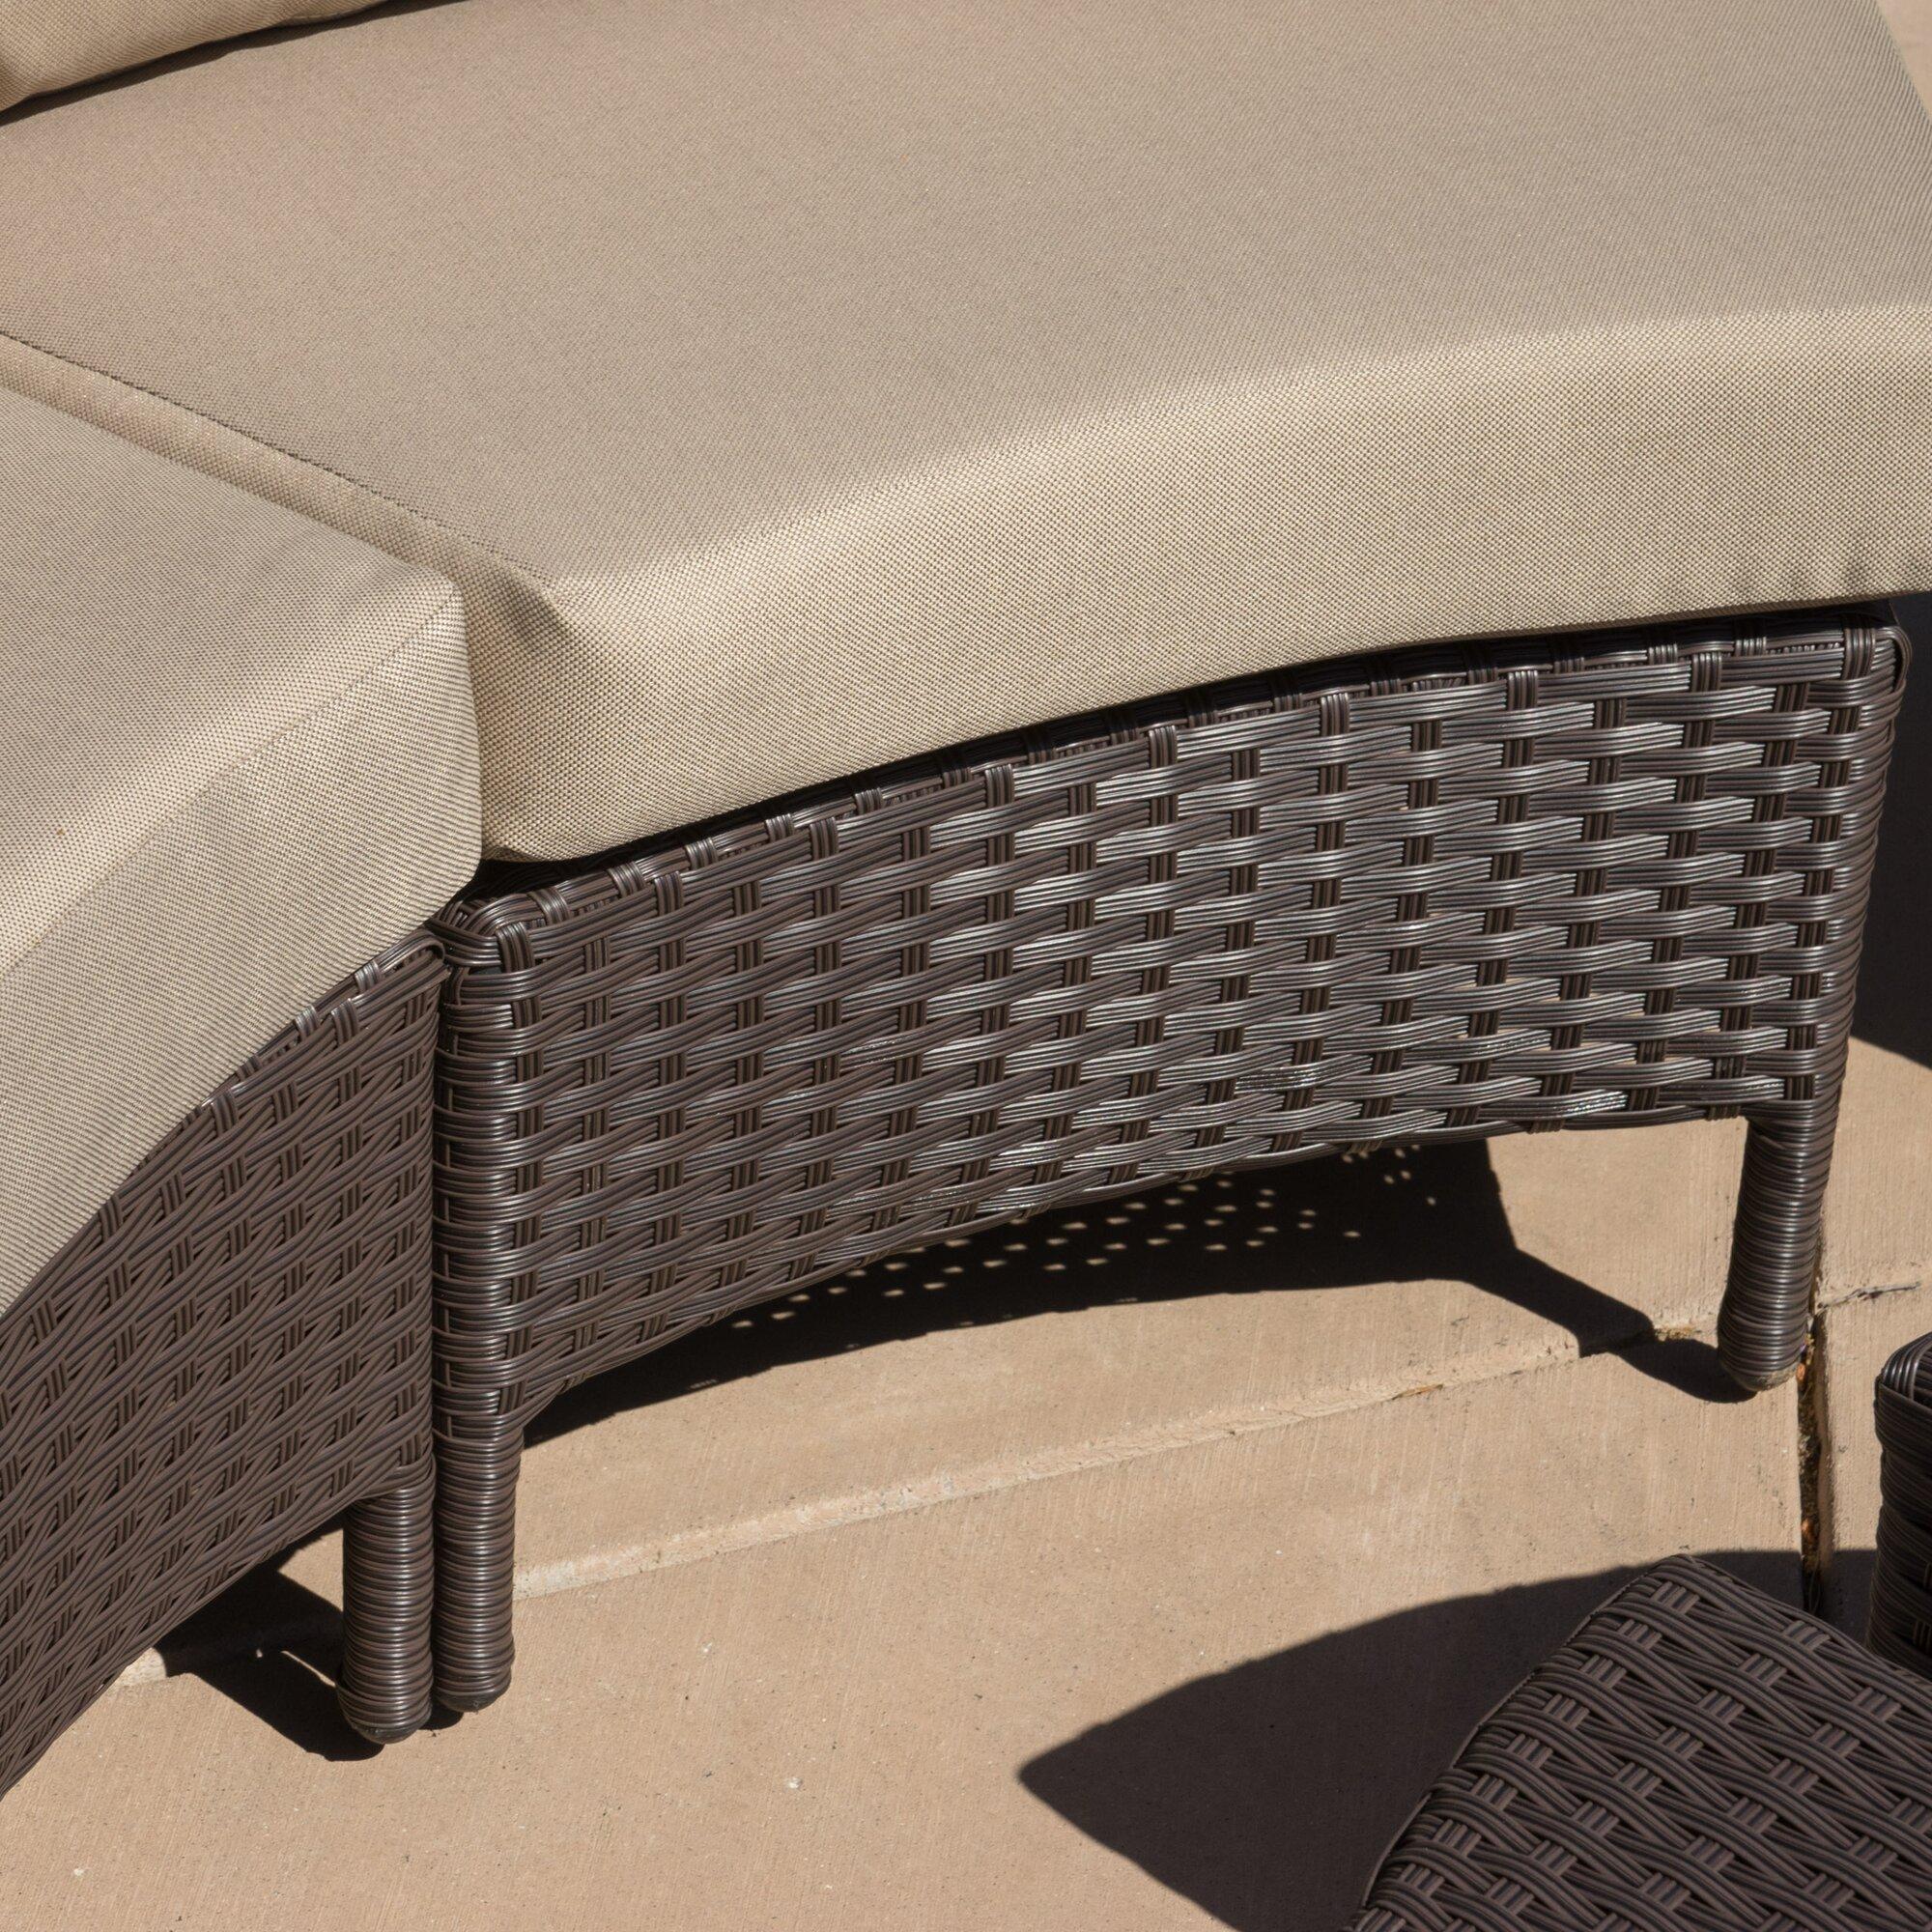 Hamiltonas Wicker 10 Piece Lounge Seating Group With